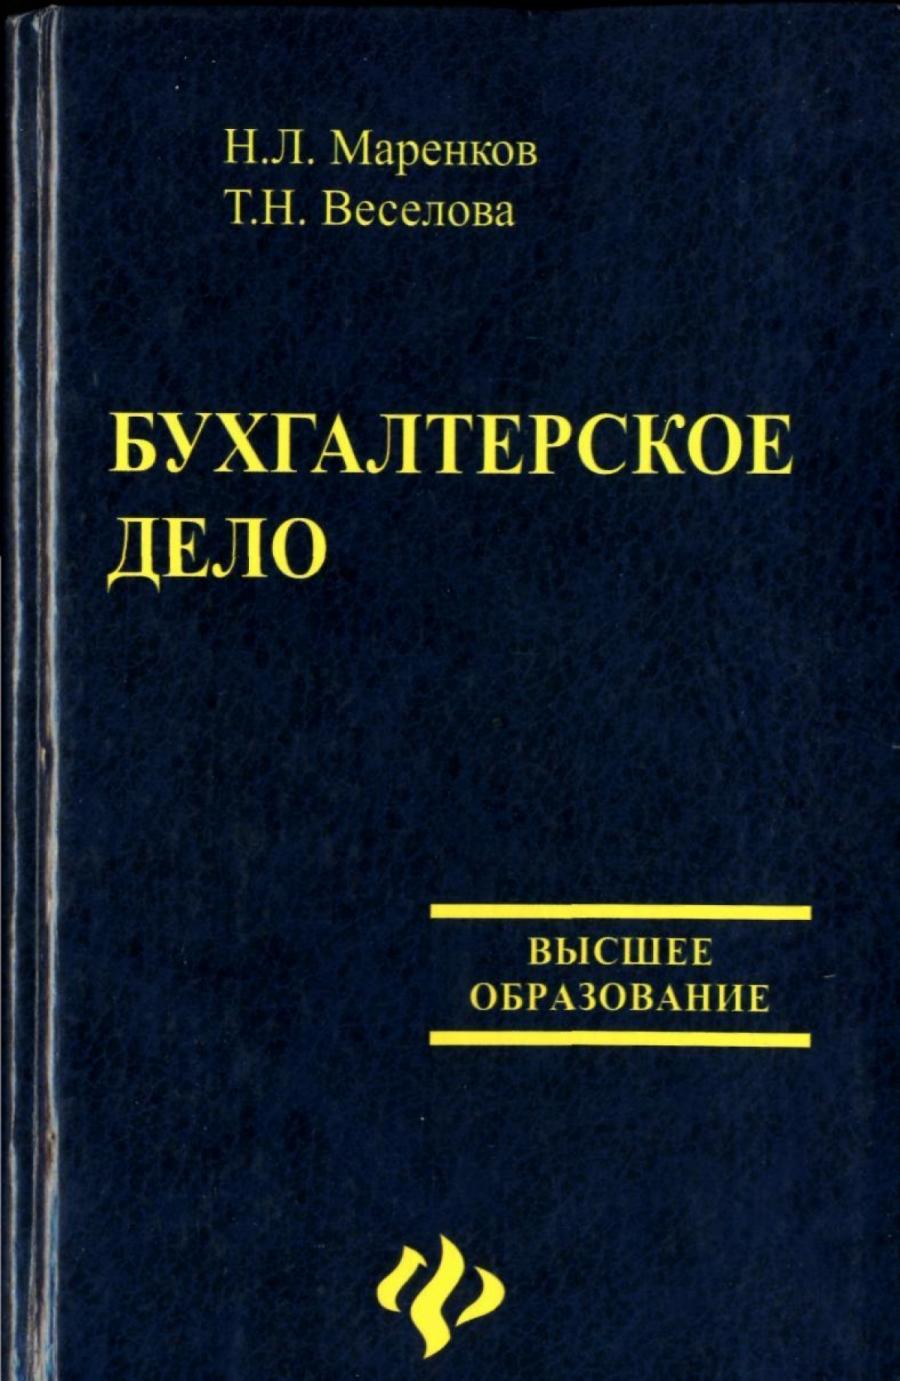 Обложка книги:  маренков н. л. , веселова т. н. - бухгалтерское дело